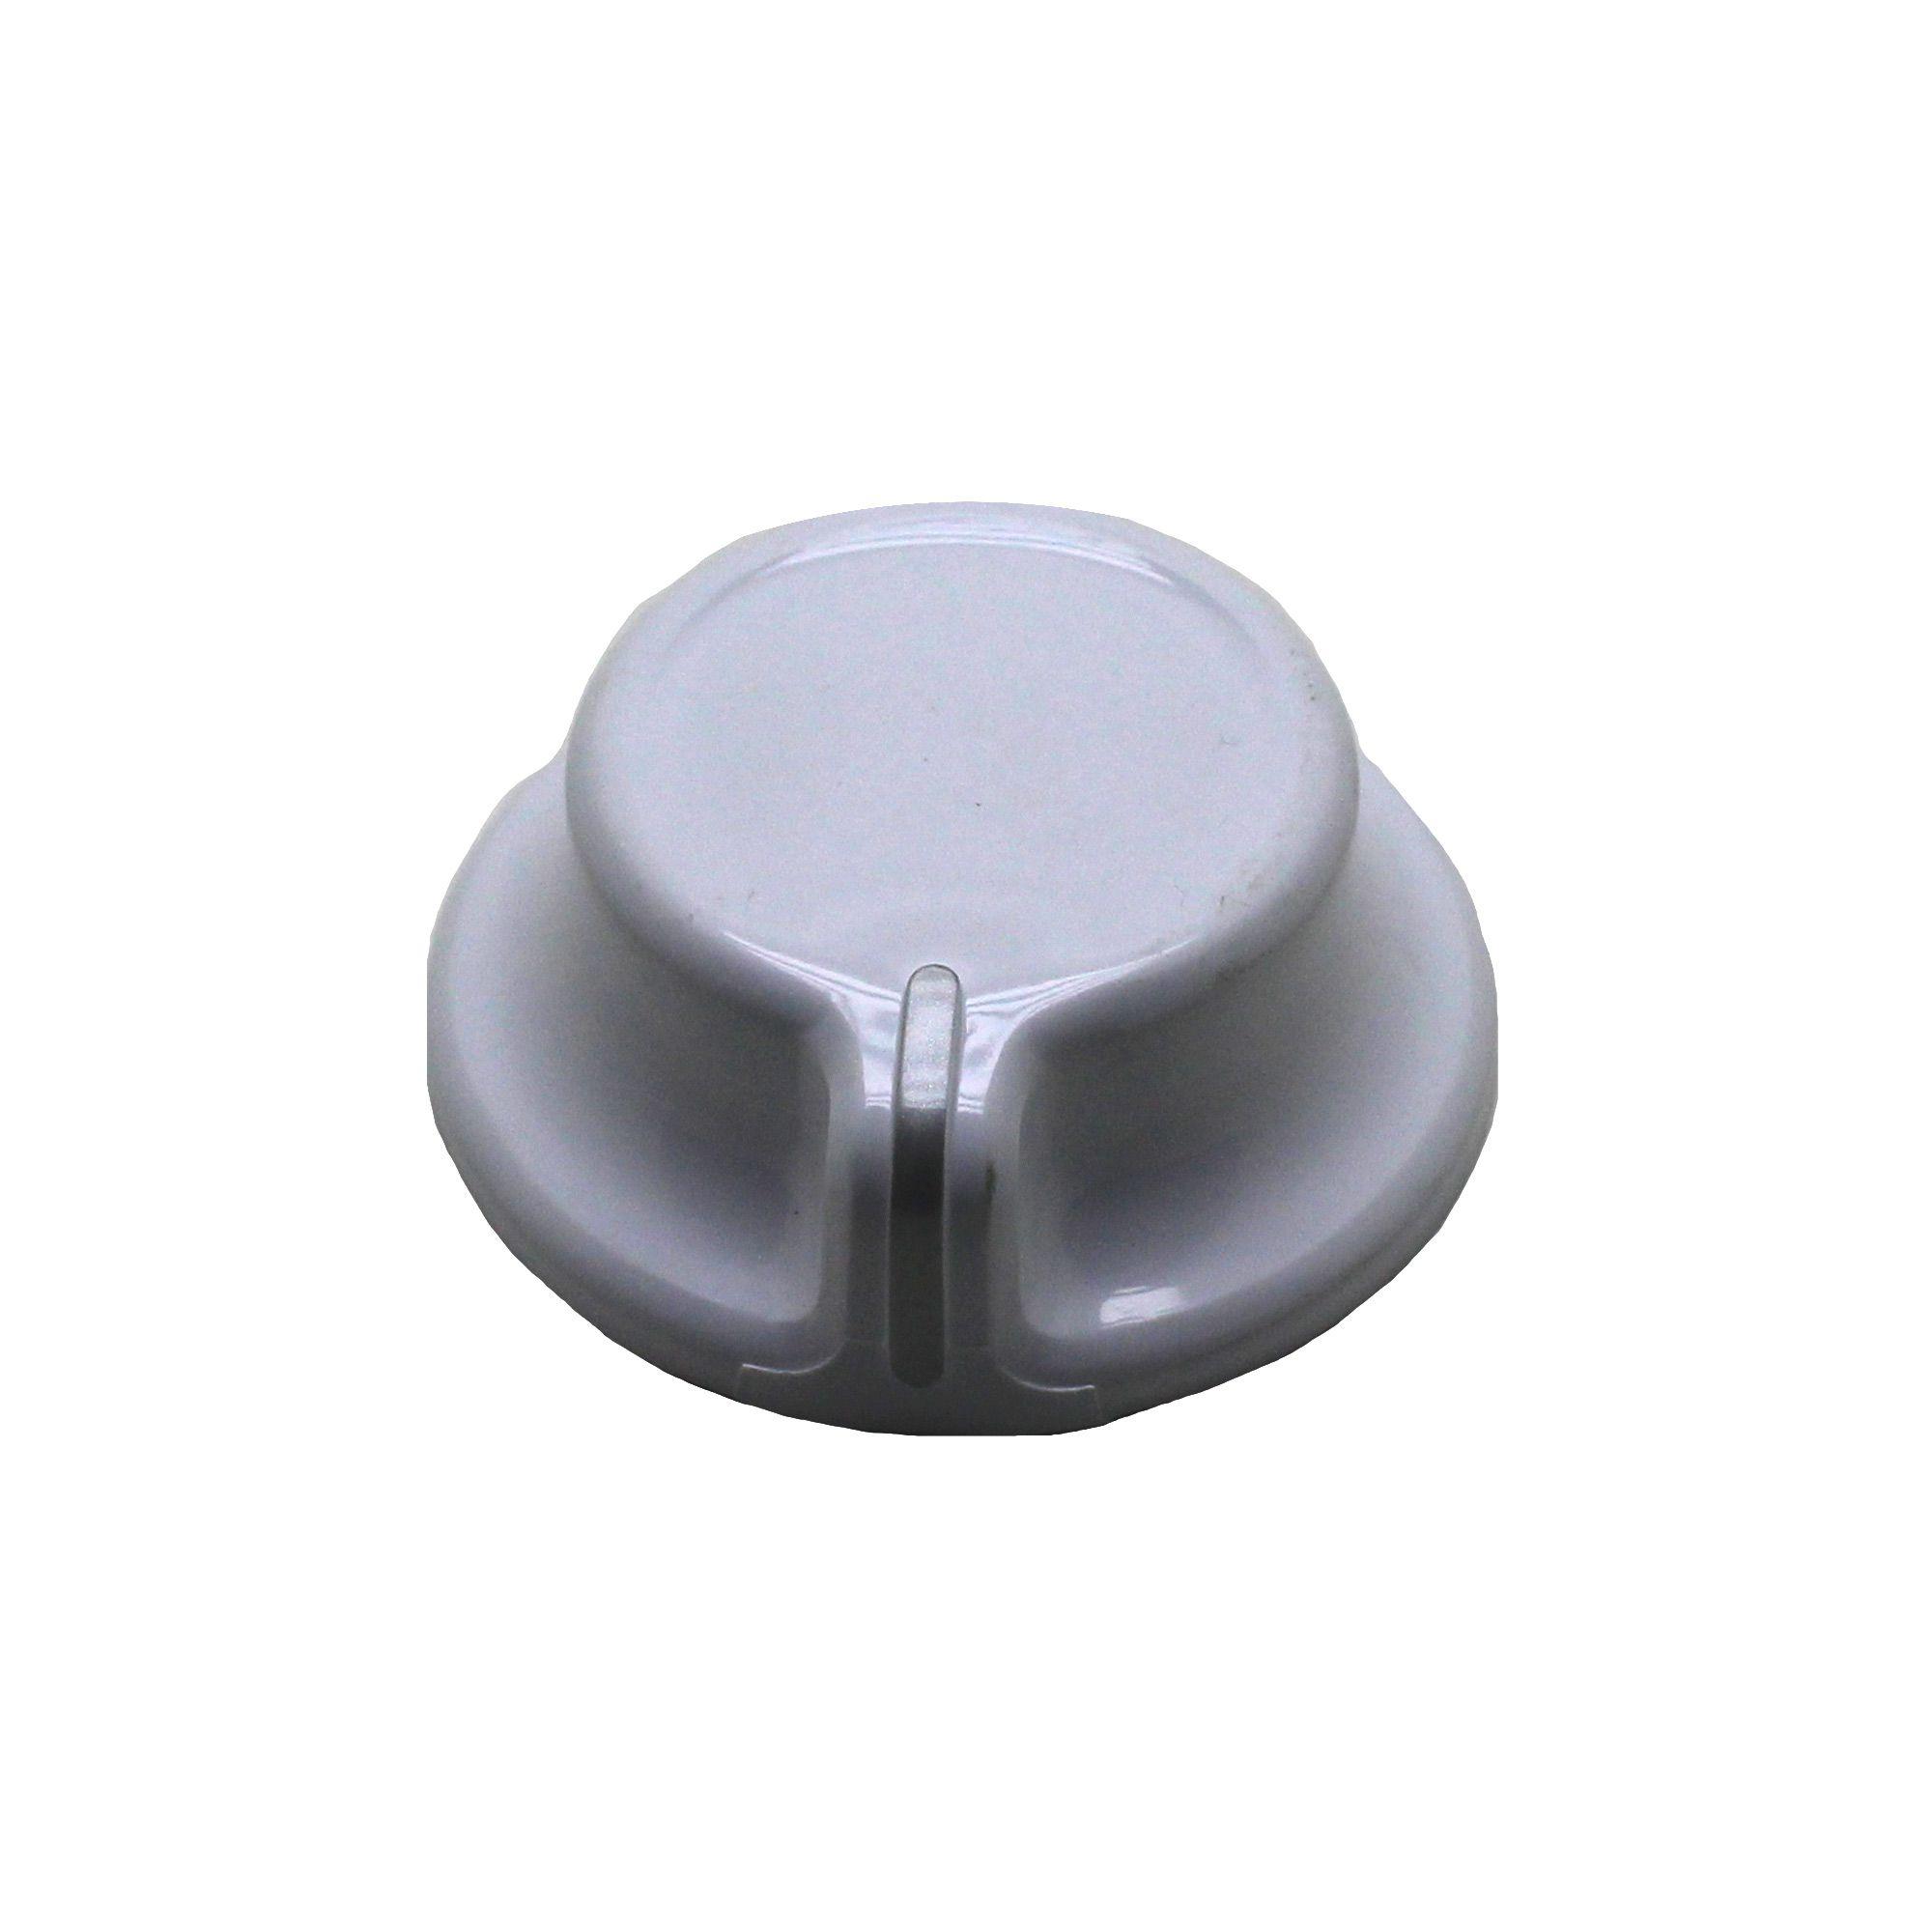 Botão Seleção Programa Lavadora Electrolux 67400237